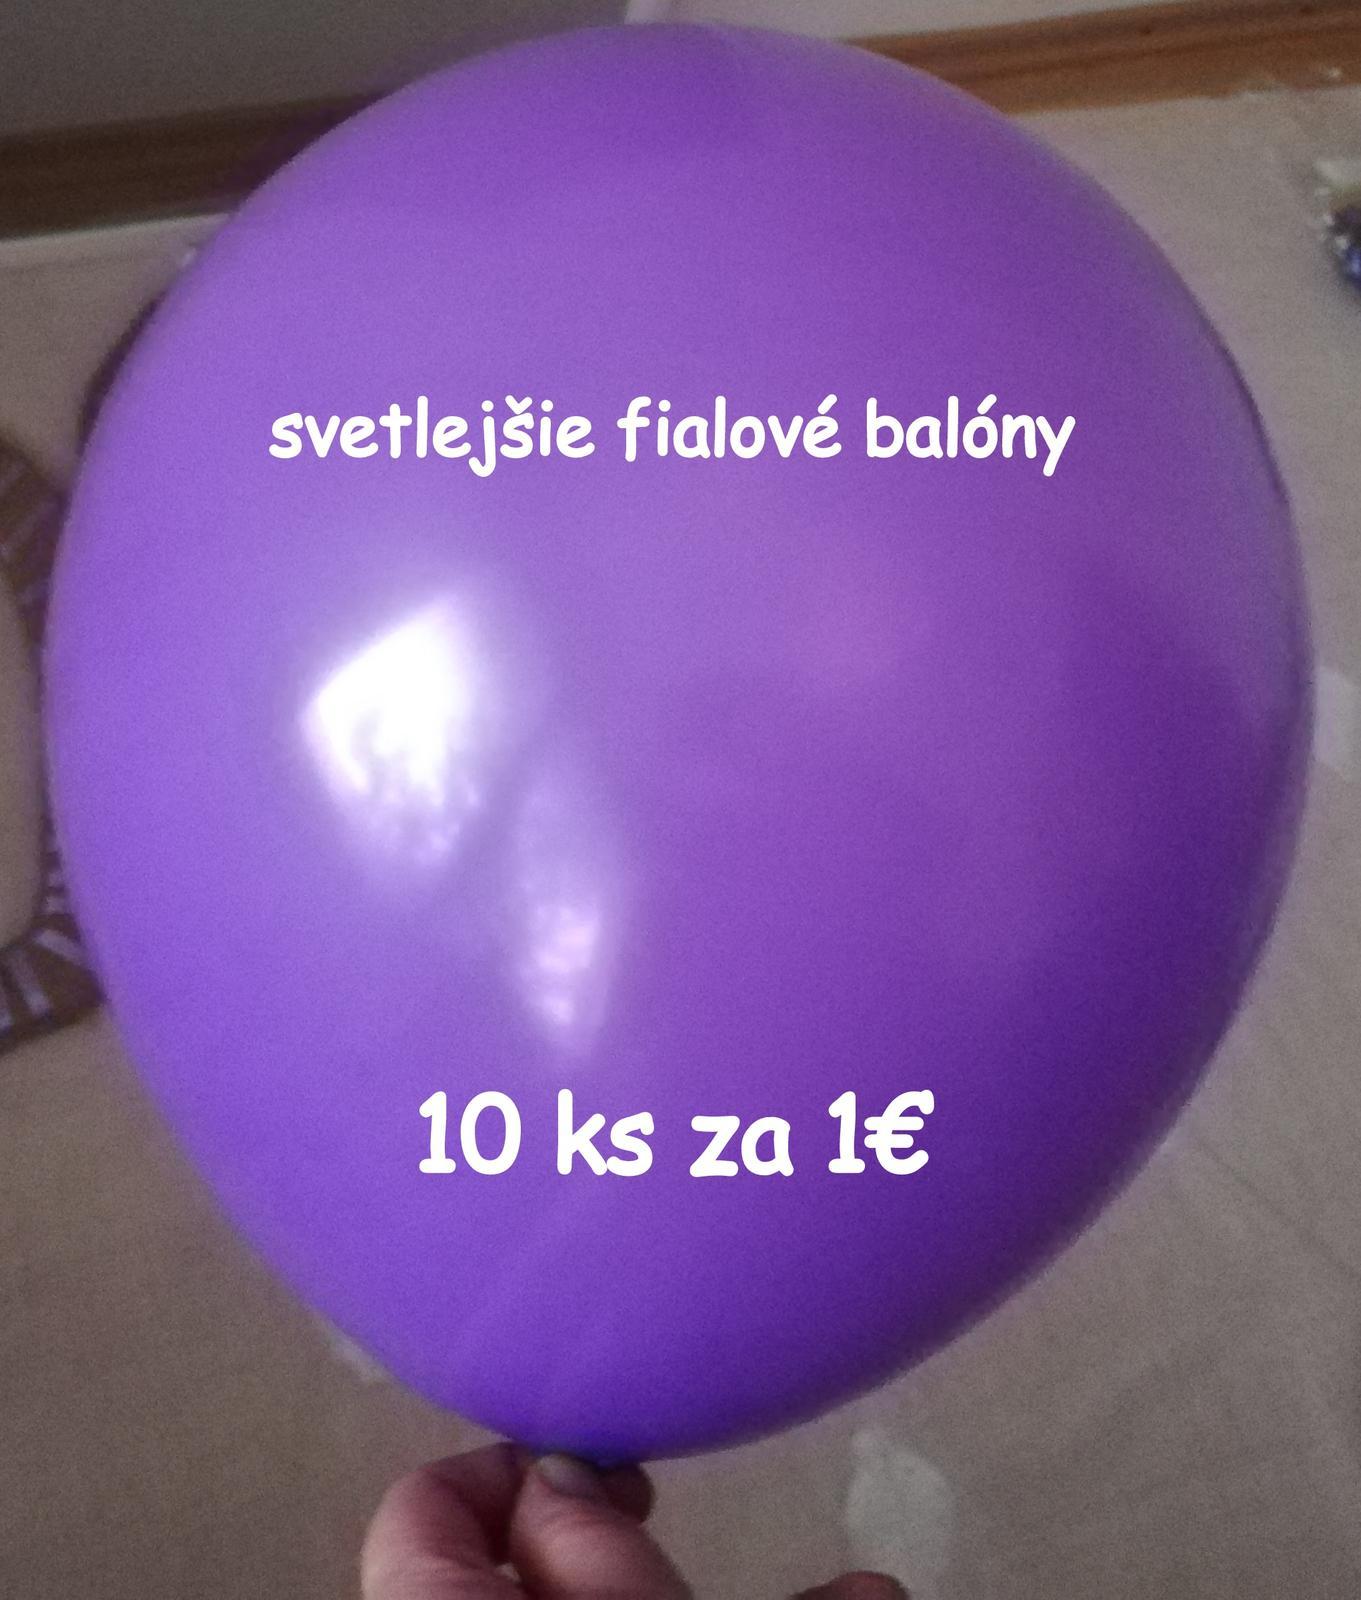 fialové balóny - Obrázok č. 1